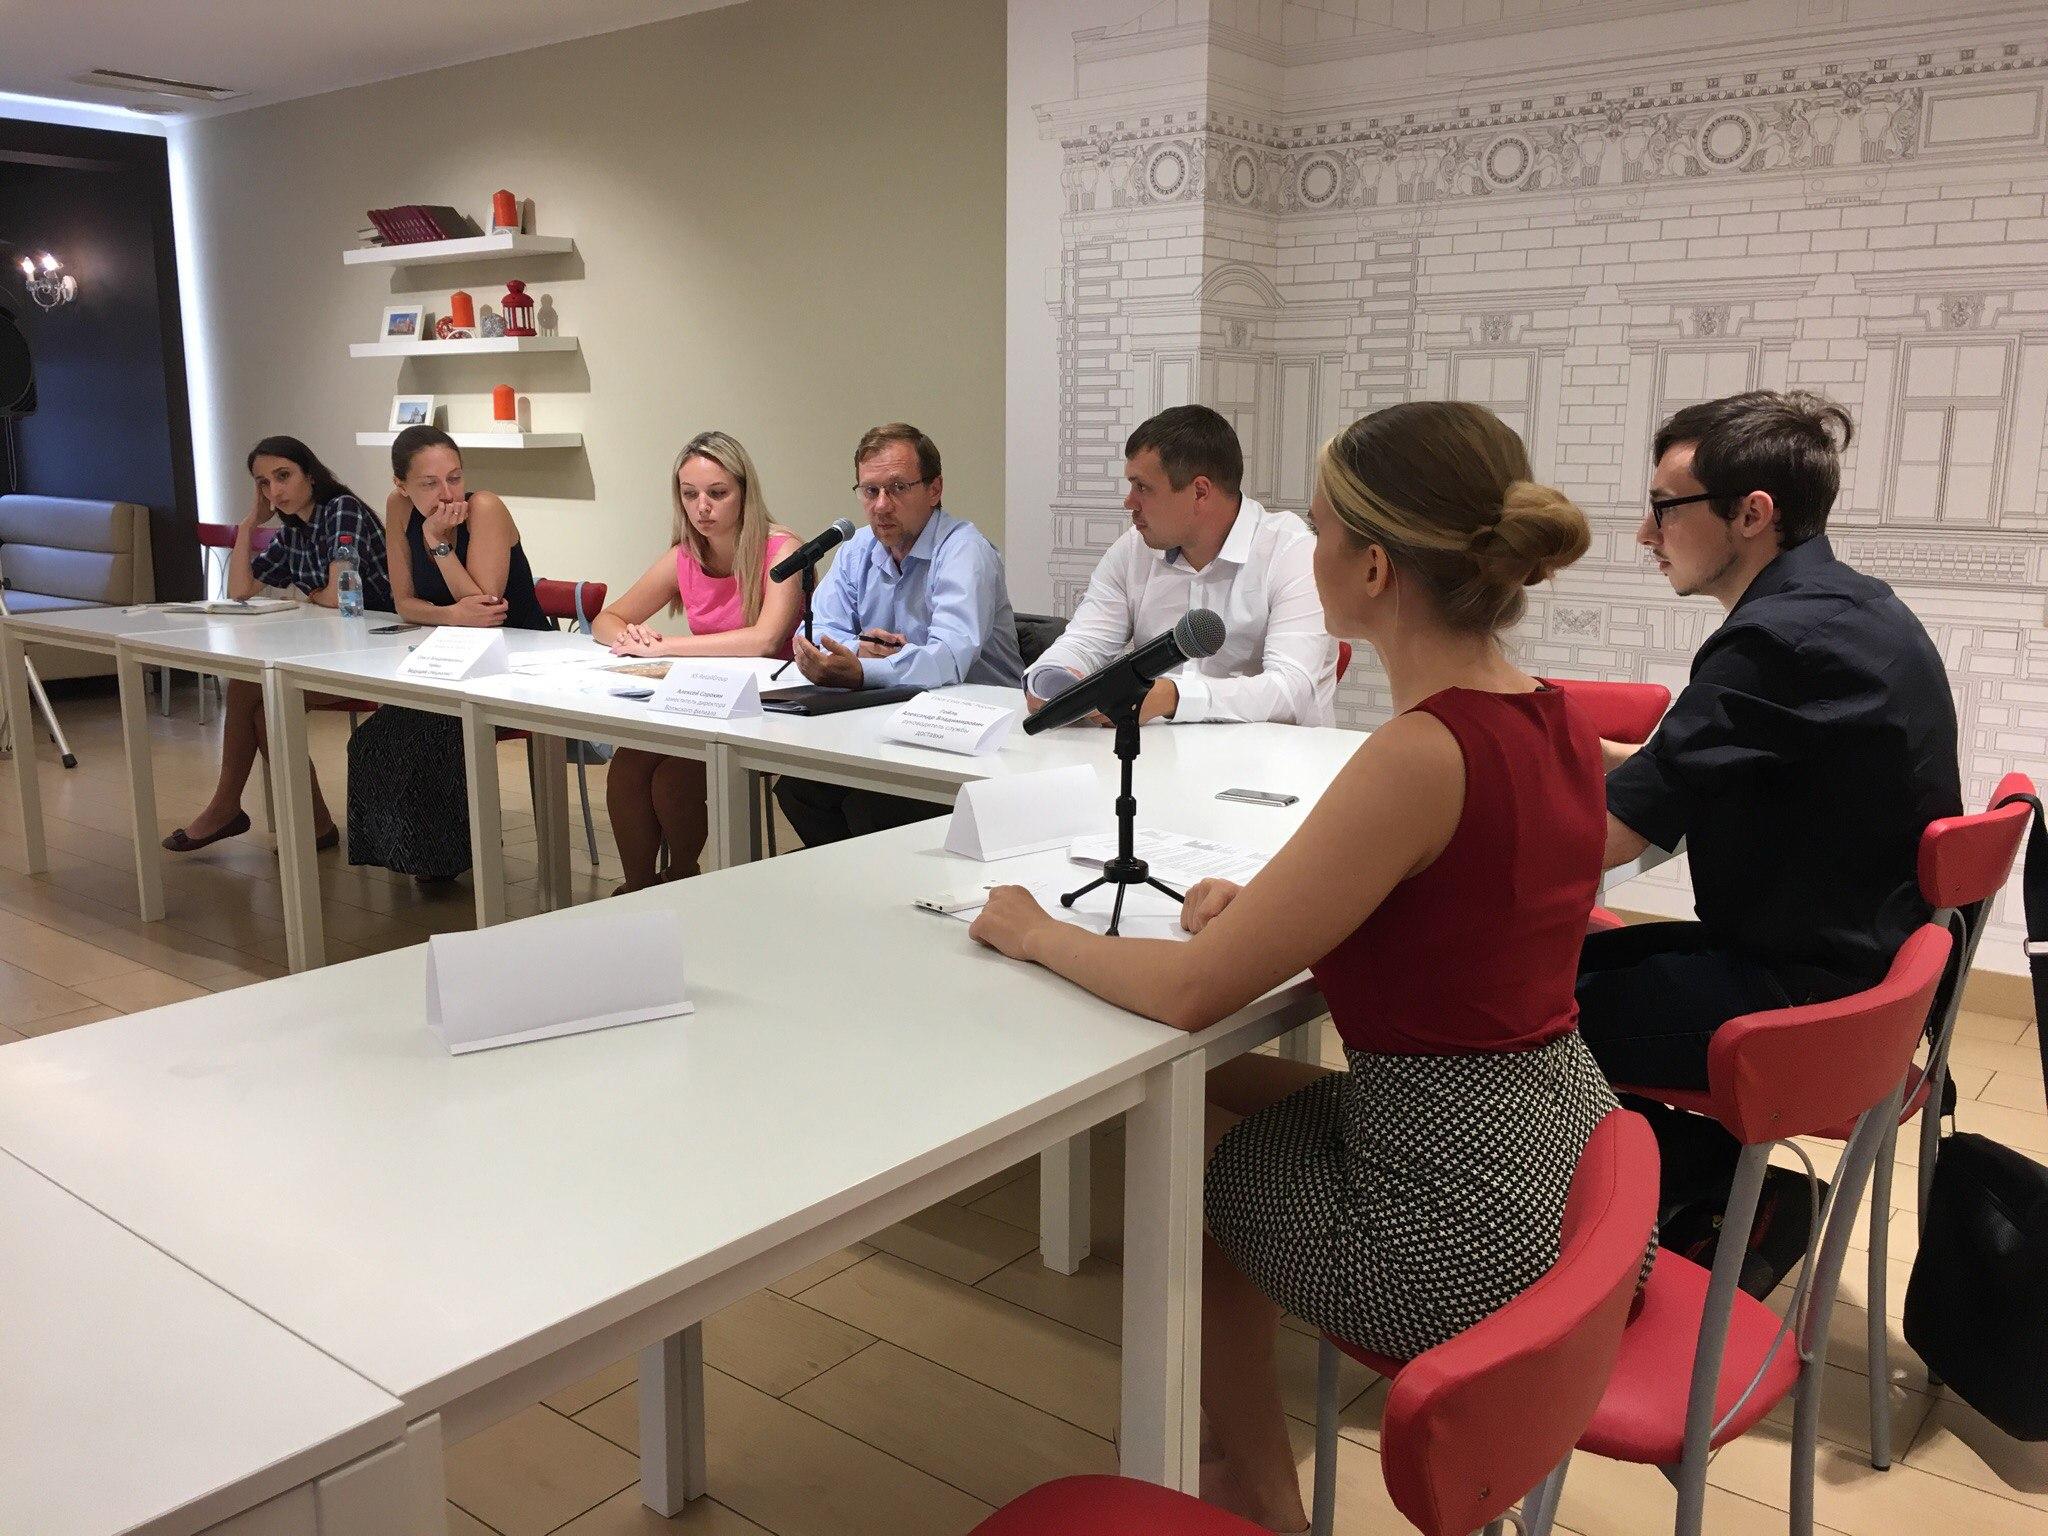 Бизнес-сообщество готово обсуждать законопроект запрета въезда большегрузов в Самару